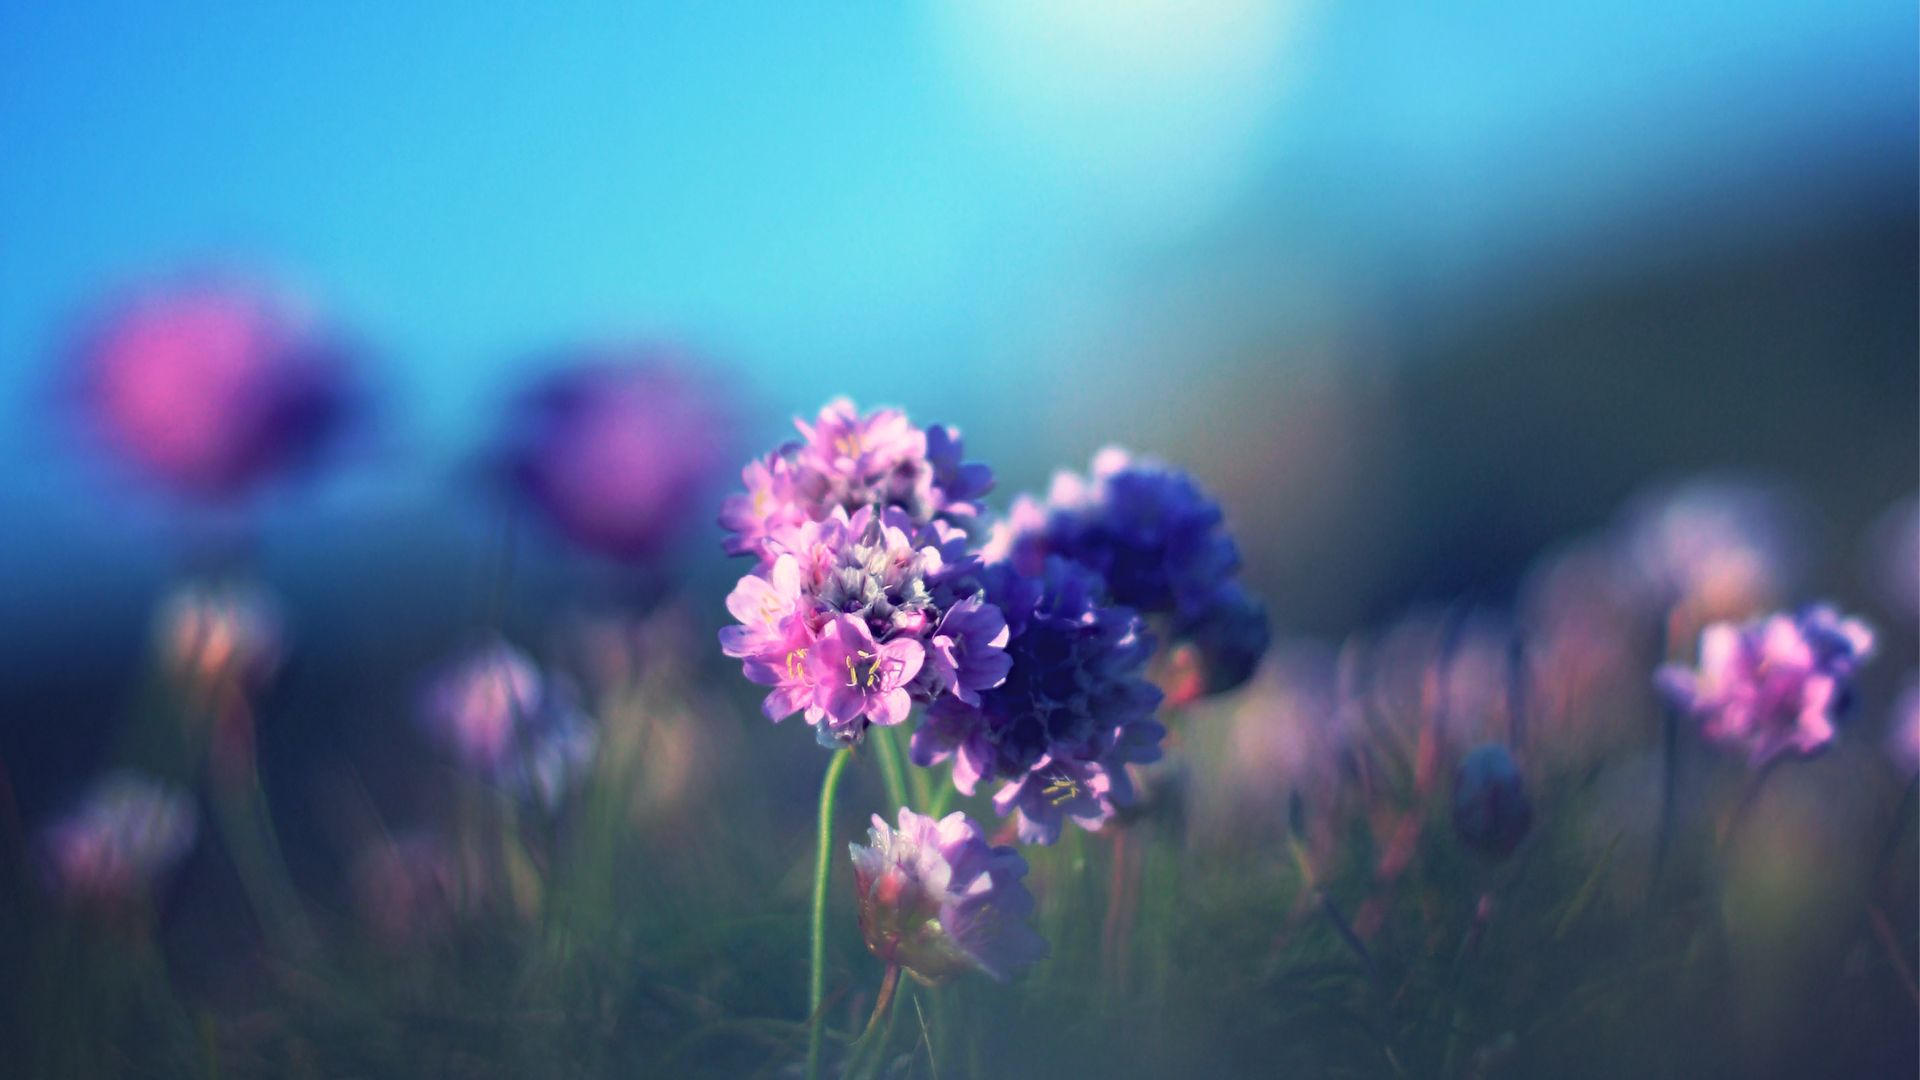 Синие цветы размытый фон загрузить